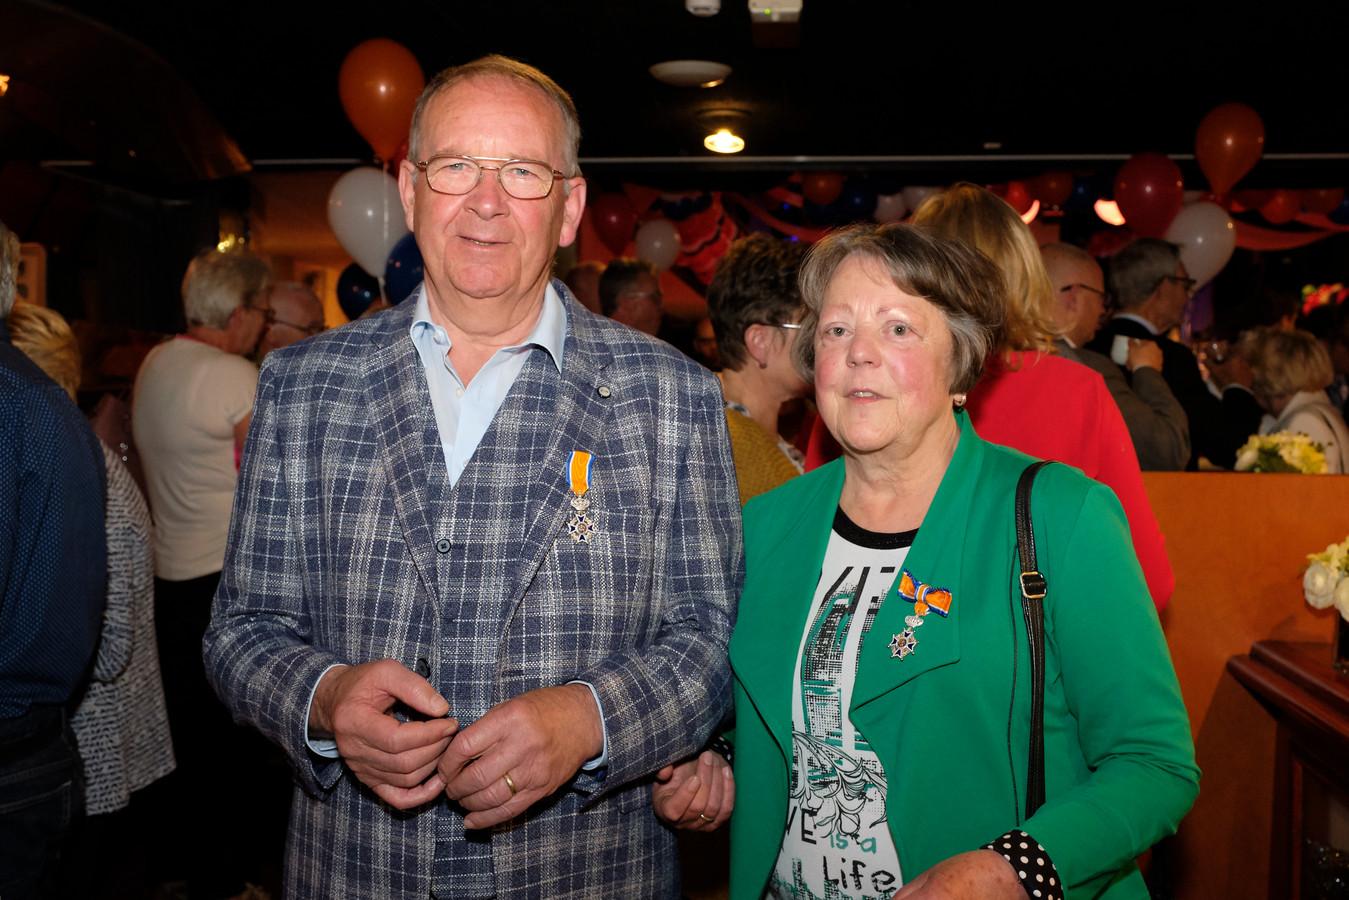 Het echtpaar Chris (73) en Rika (72) van Ballegooijen uit Strijen krijgen allebei een lintje voor hun verdienste voor het cultuurbehoud in Strijen.